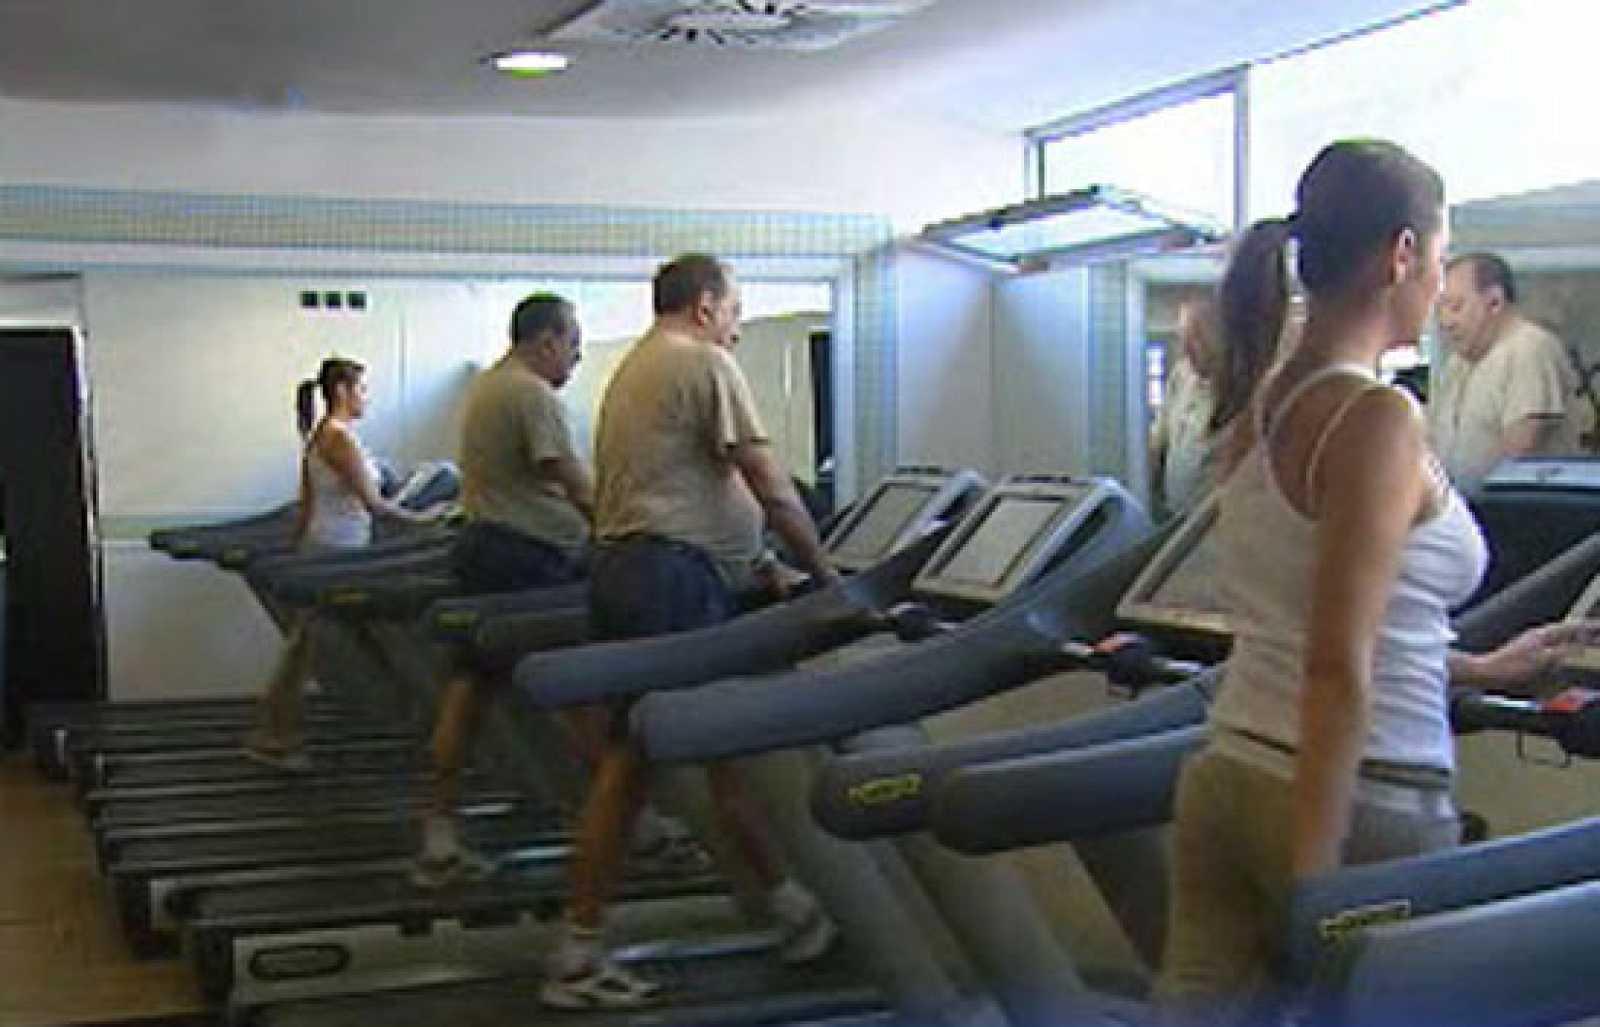 Saber Vivir Dietas De Adelgazamiento 22 09 09 Rtve Es ~ Dieta Adelgazamiento Saber Vivir